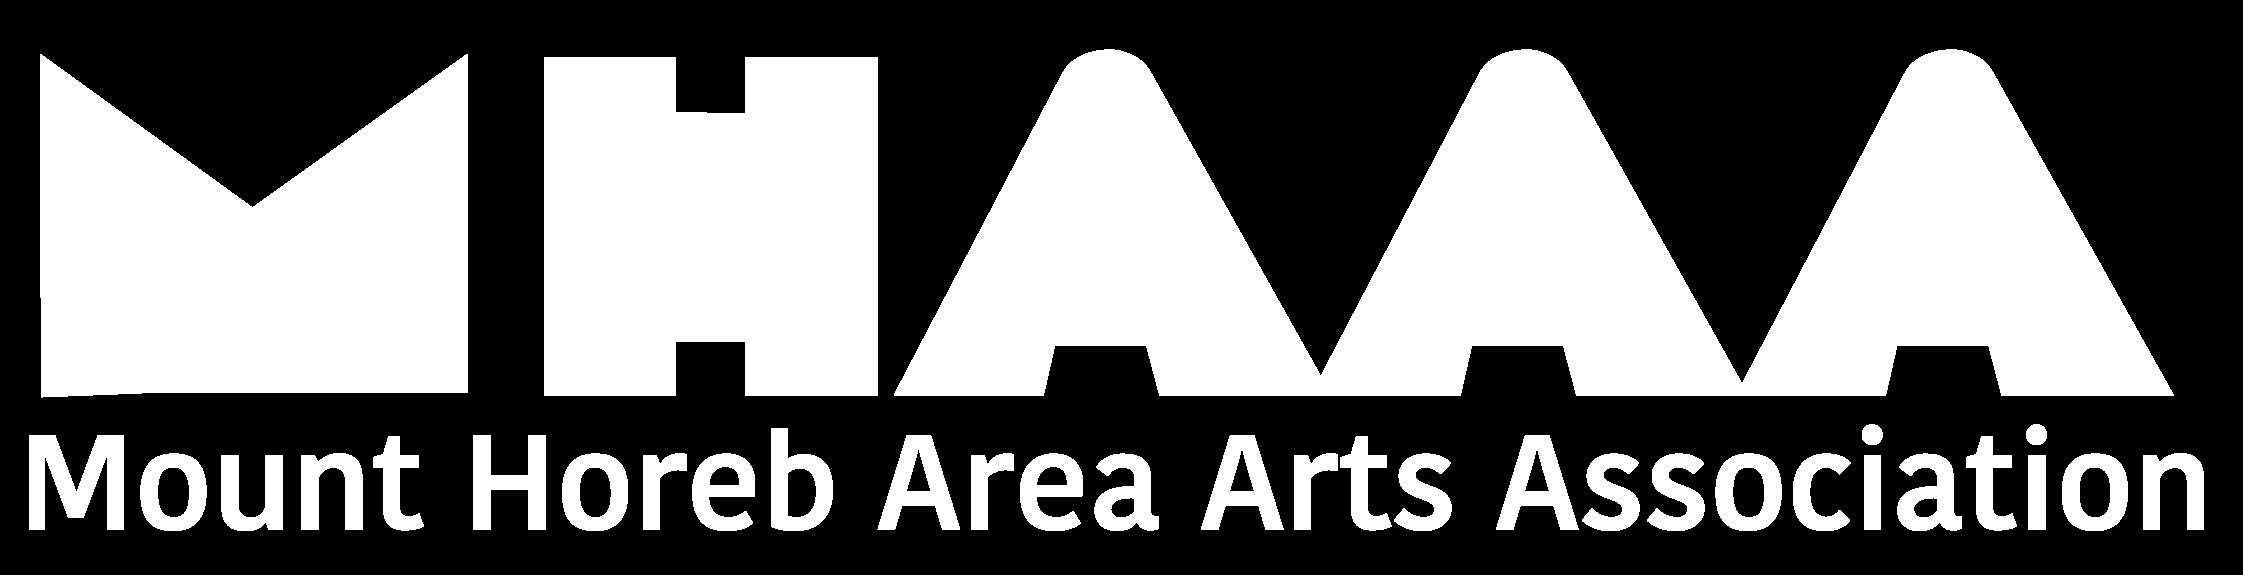 MHAAA: Mount Horeb Area Arts Association